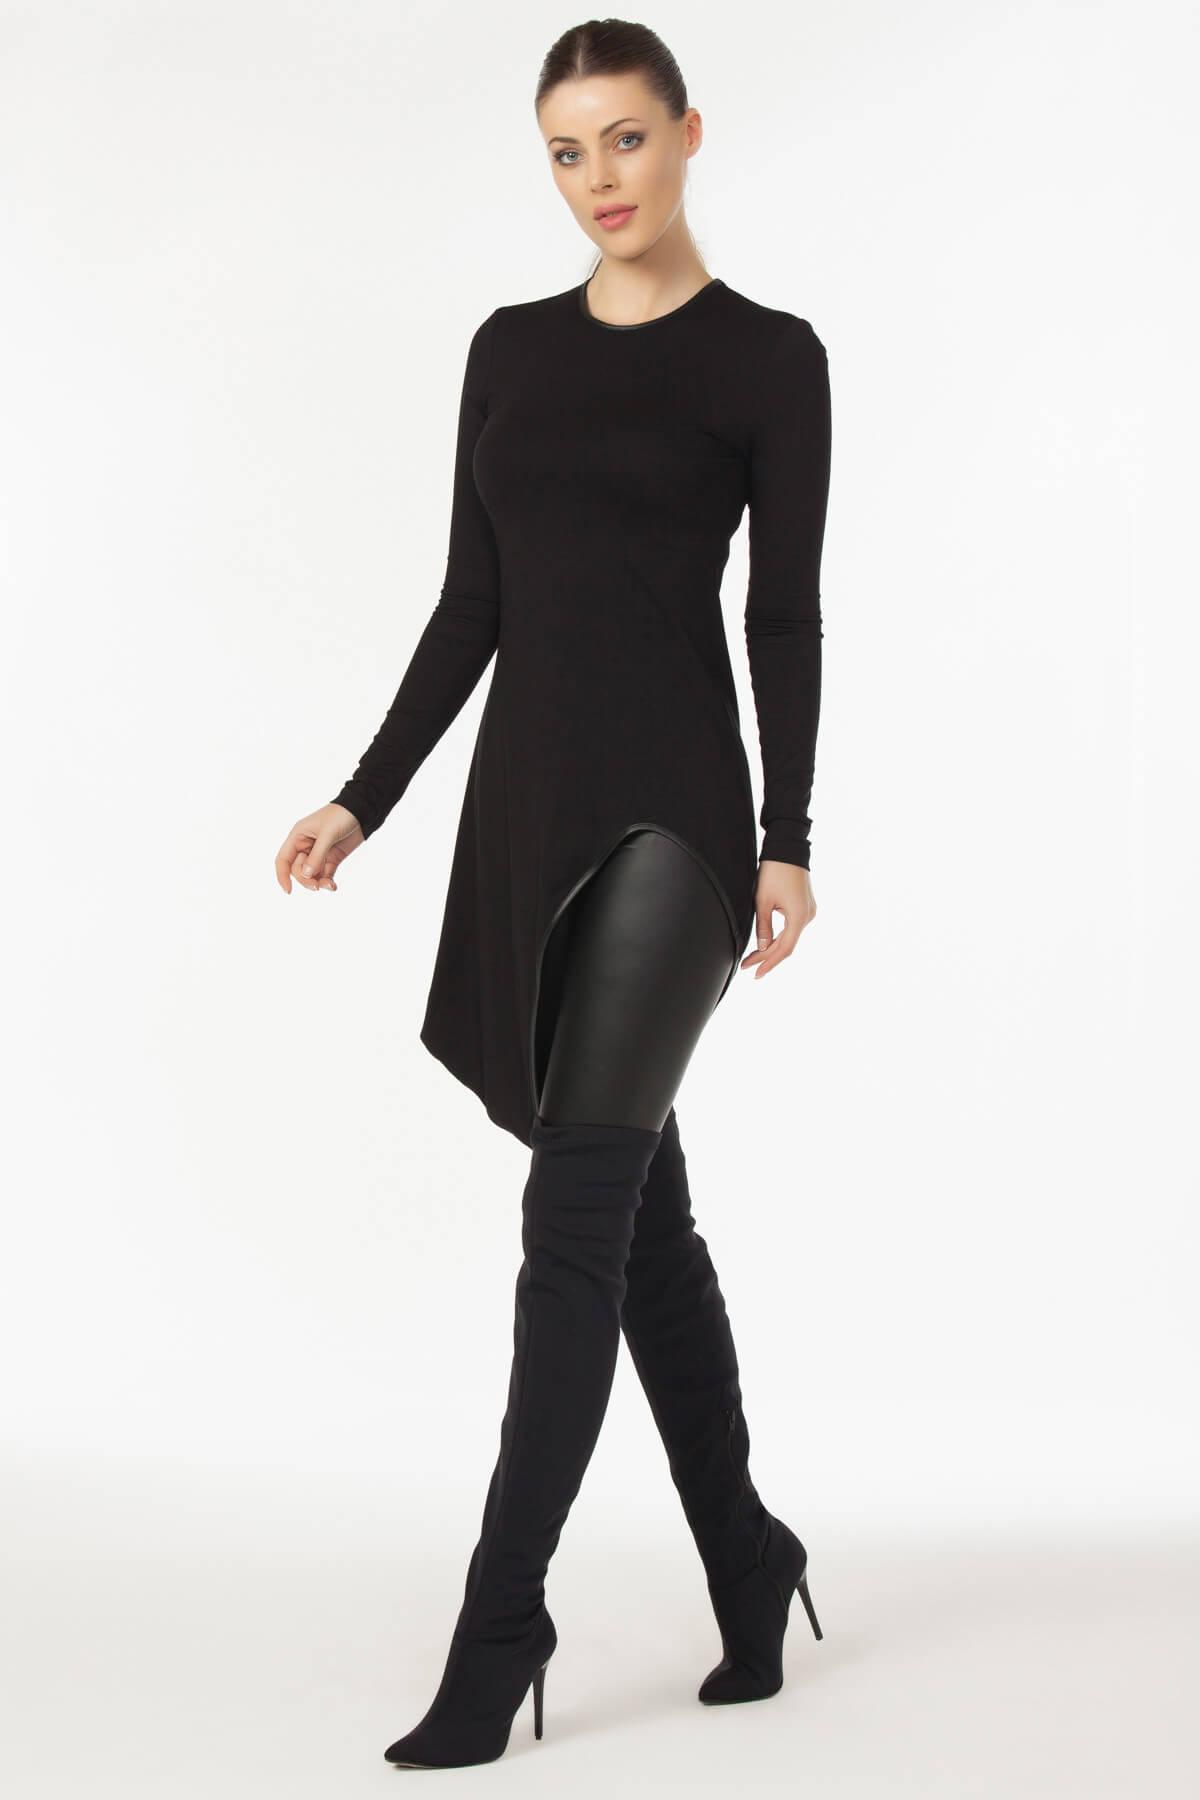 Laranor Kadın Siyah Asimetrik Kesim Bluz 19L6490 1